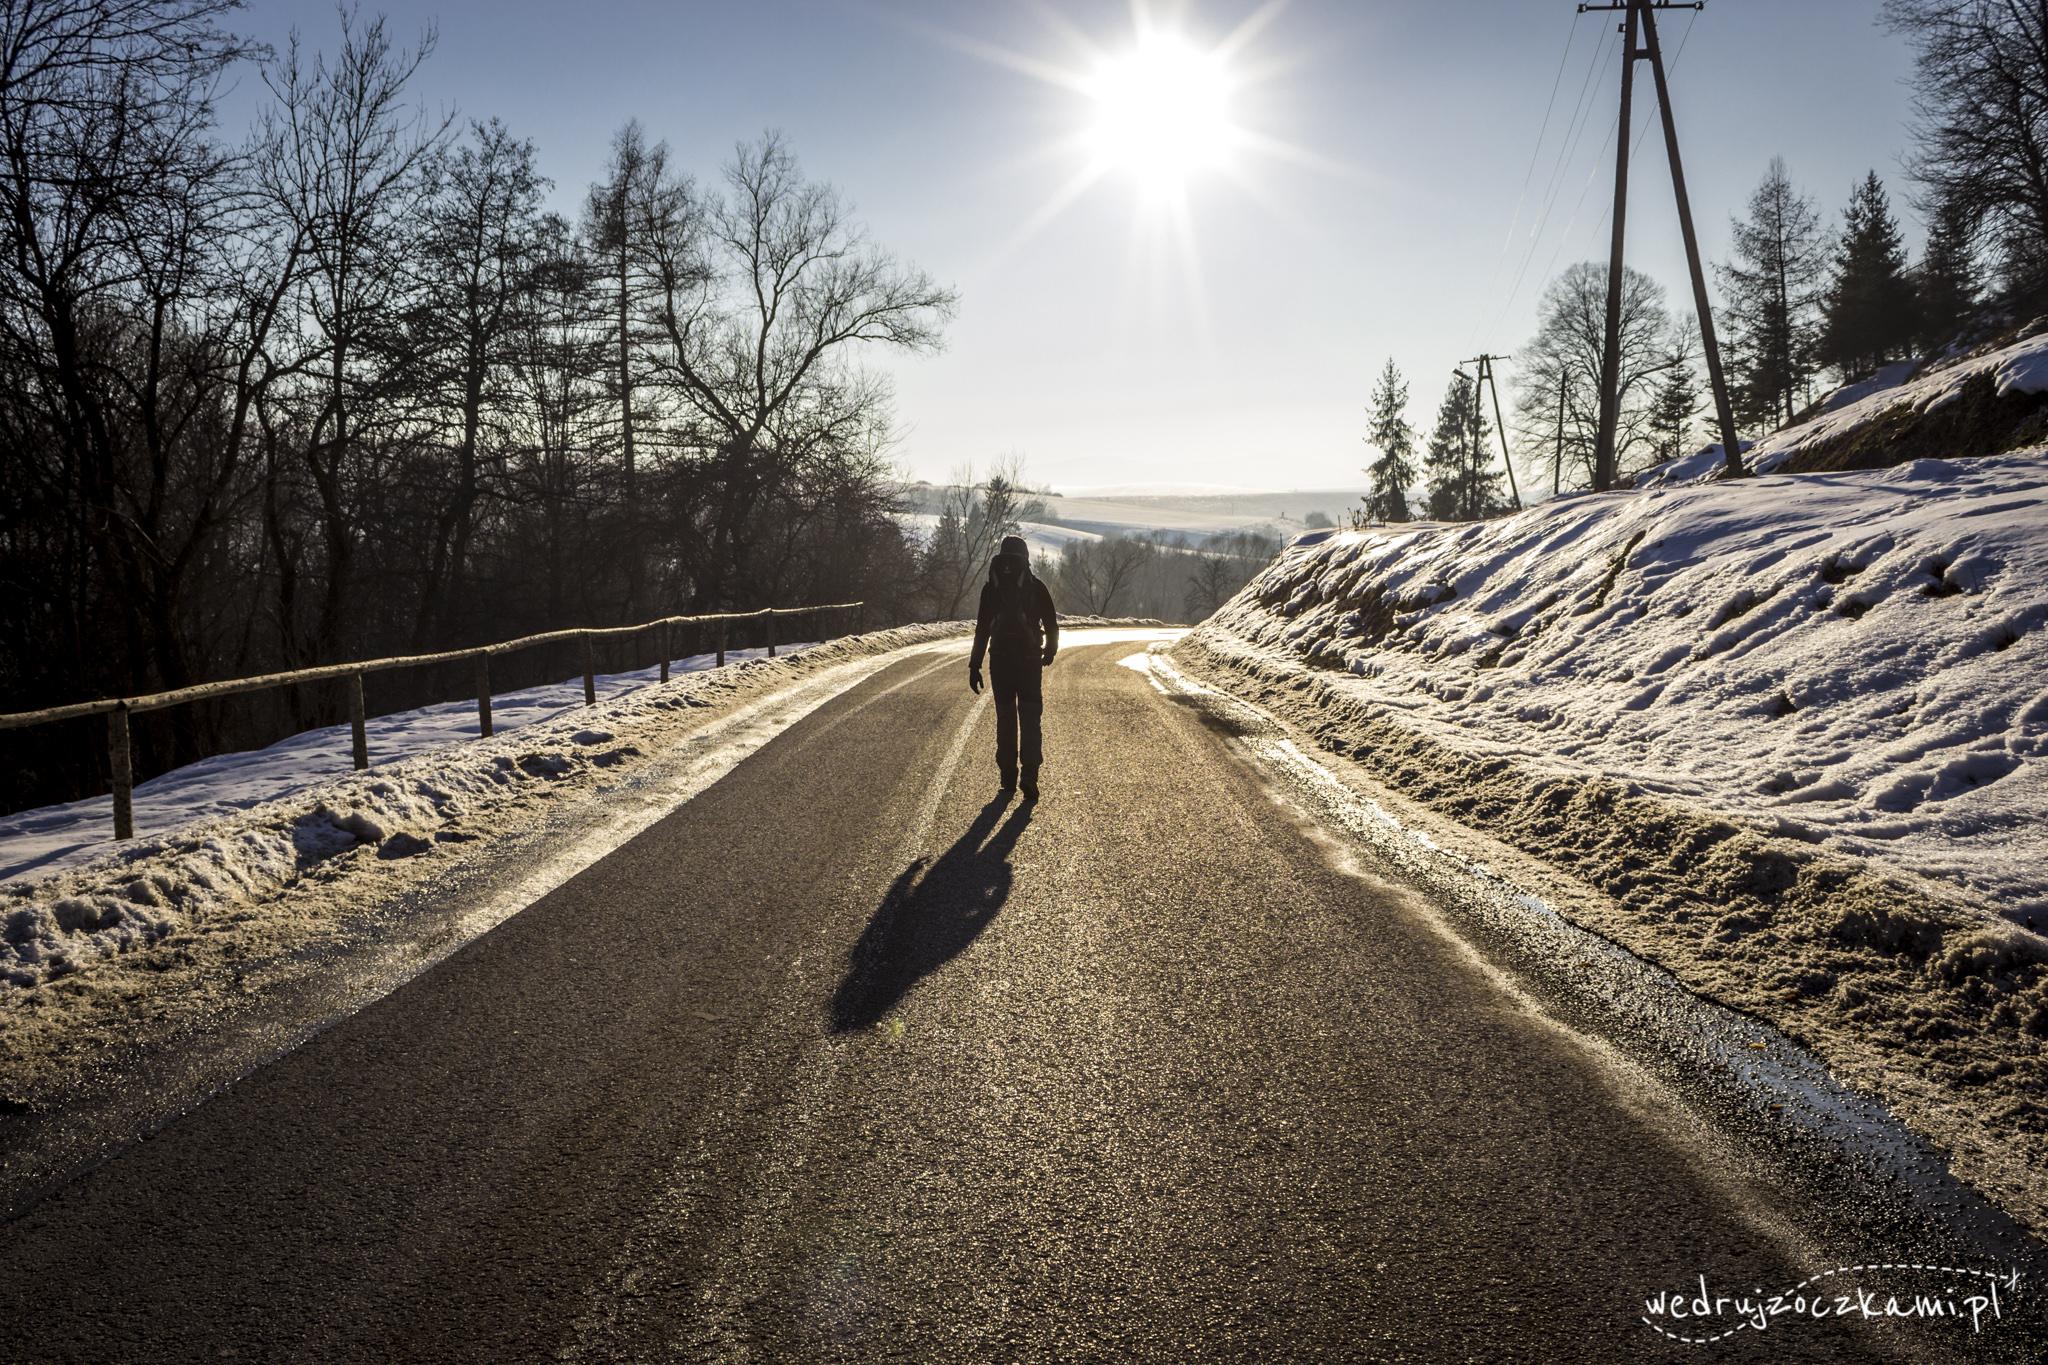 Oczko idący zimową drogą w stronę słońca